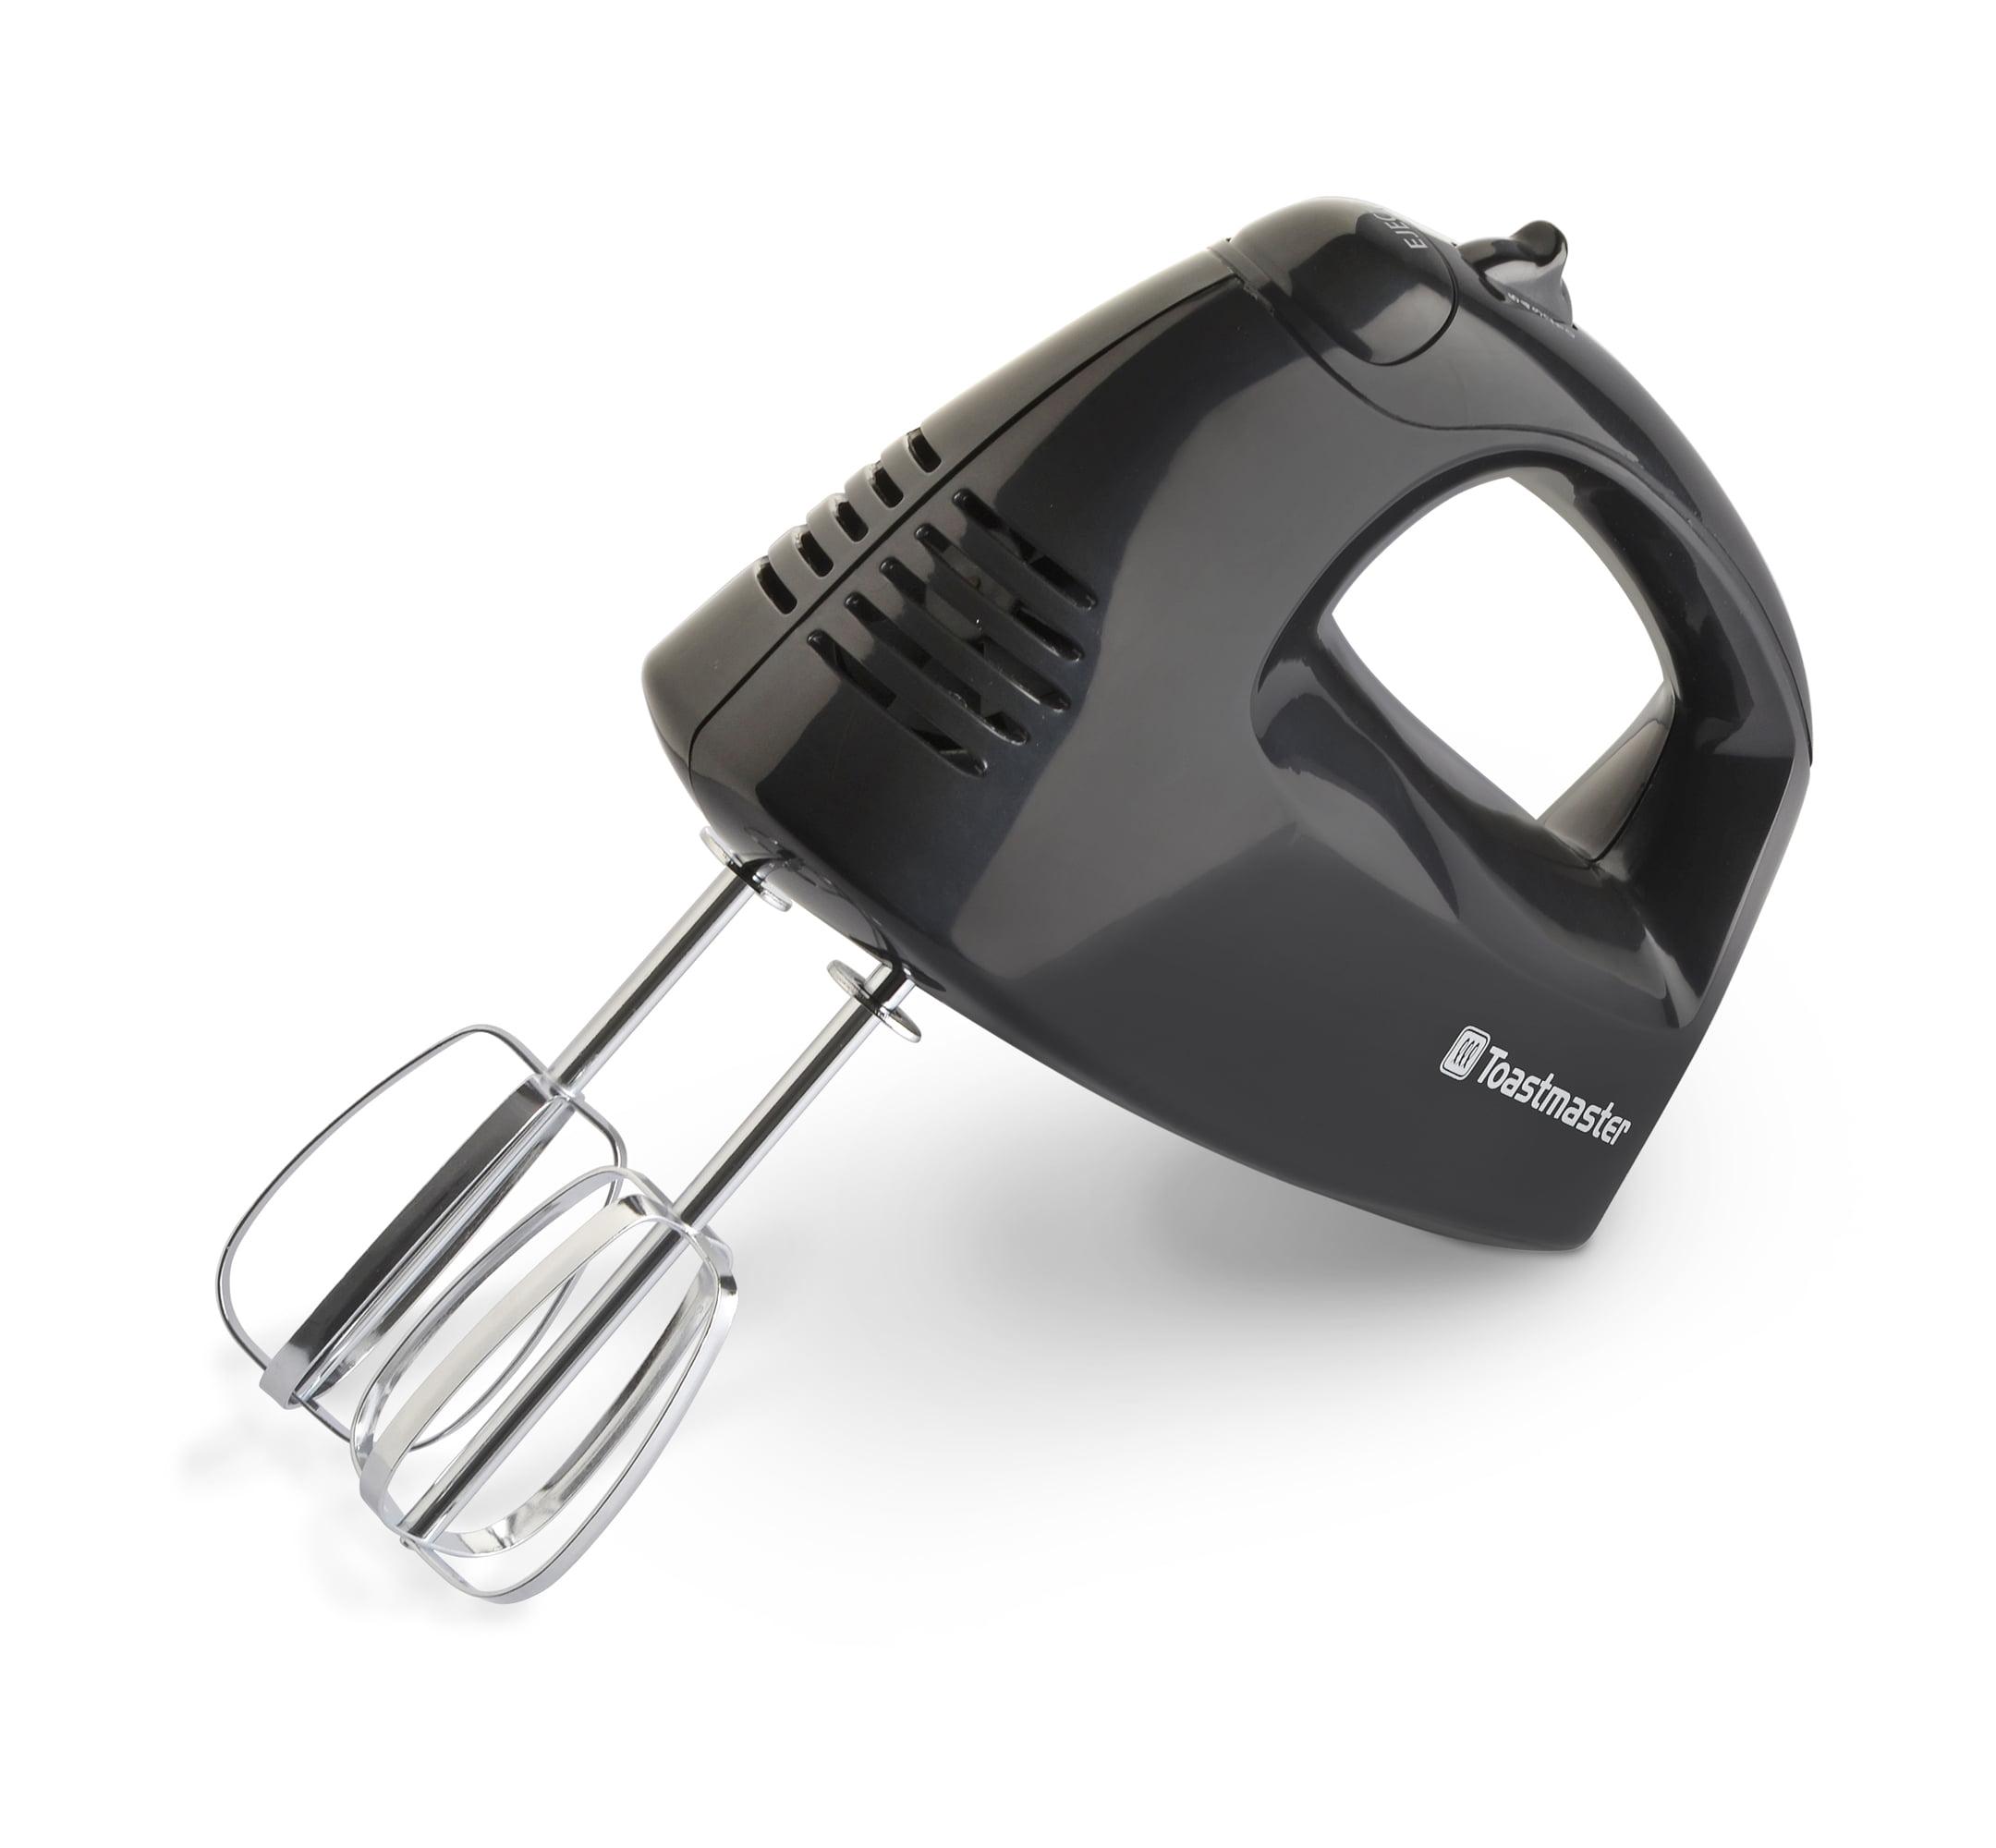 Toastmaster 5 Speed Hand Mixer